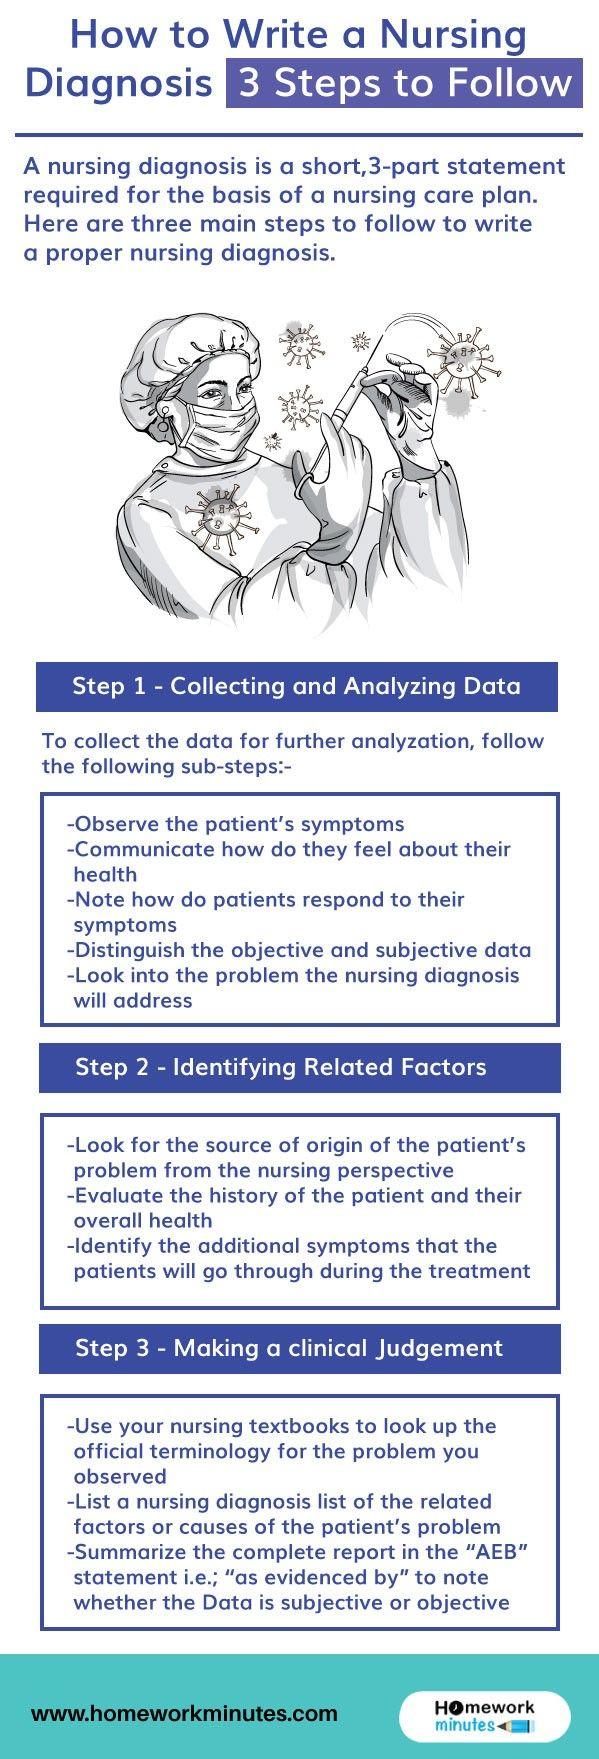 How To Write A Nursing Diagnosis 3 Steps To Follow Nursing Diagnosis Nursing Process Fundamentals Of Nursing